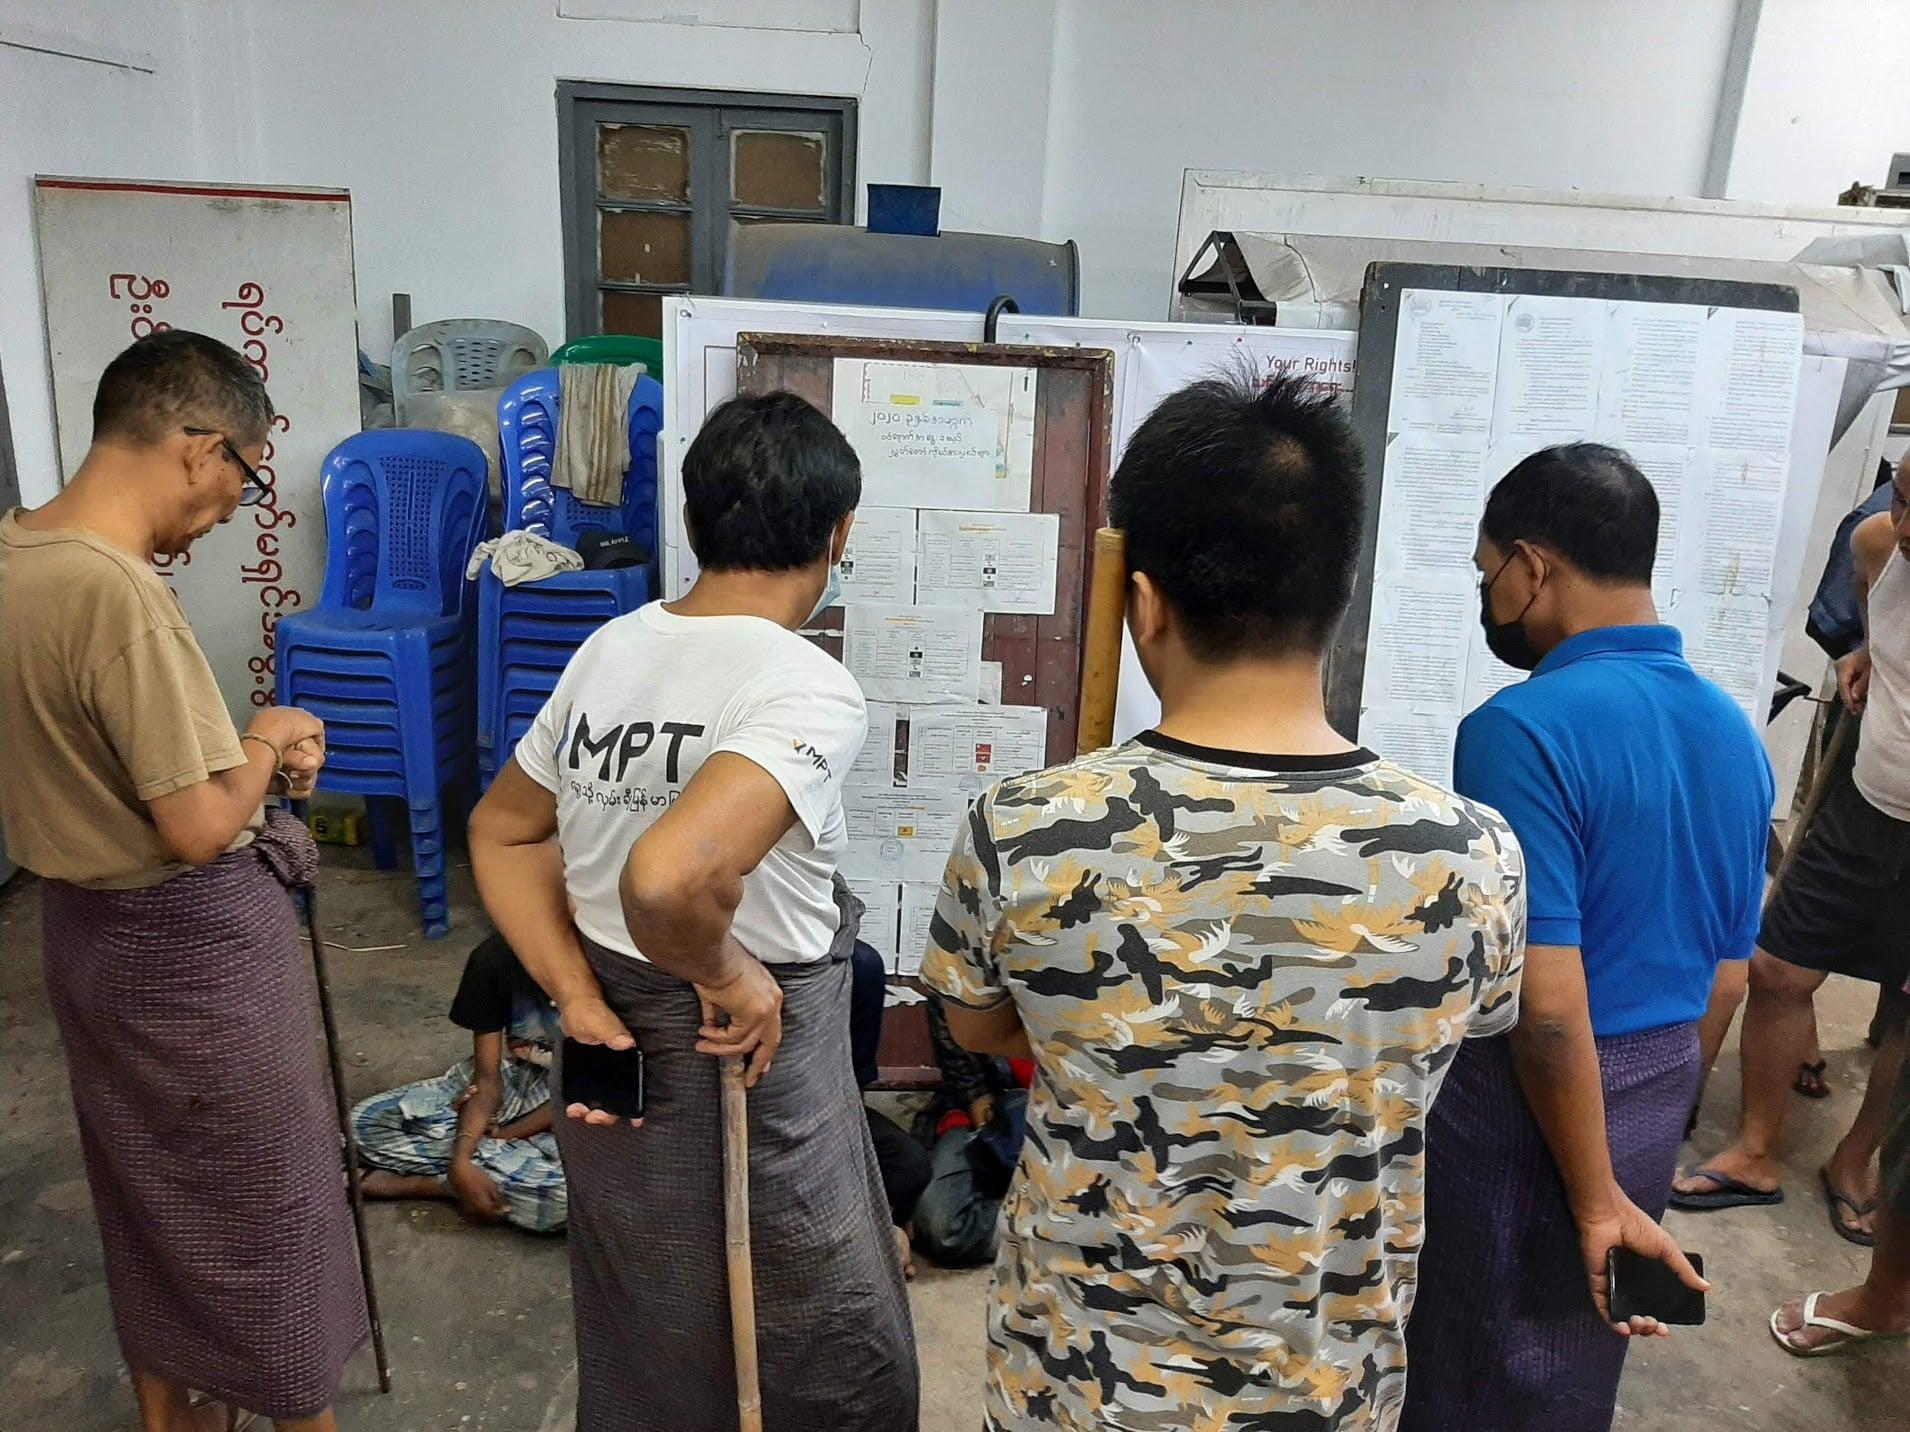 ミャンマー在住の友人から 2/14 1報【ヤンゴン各所で放火、強盗、毒薬騒動が発生】